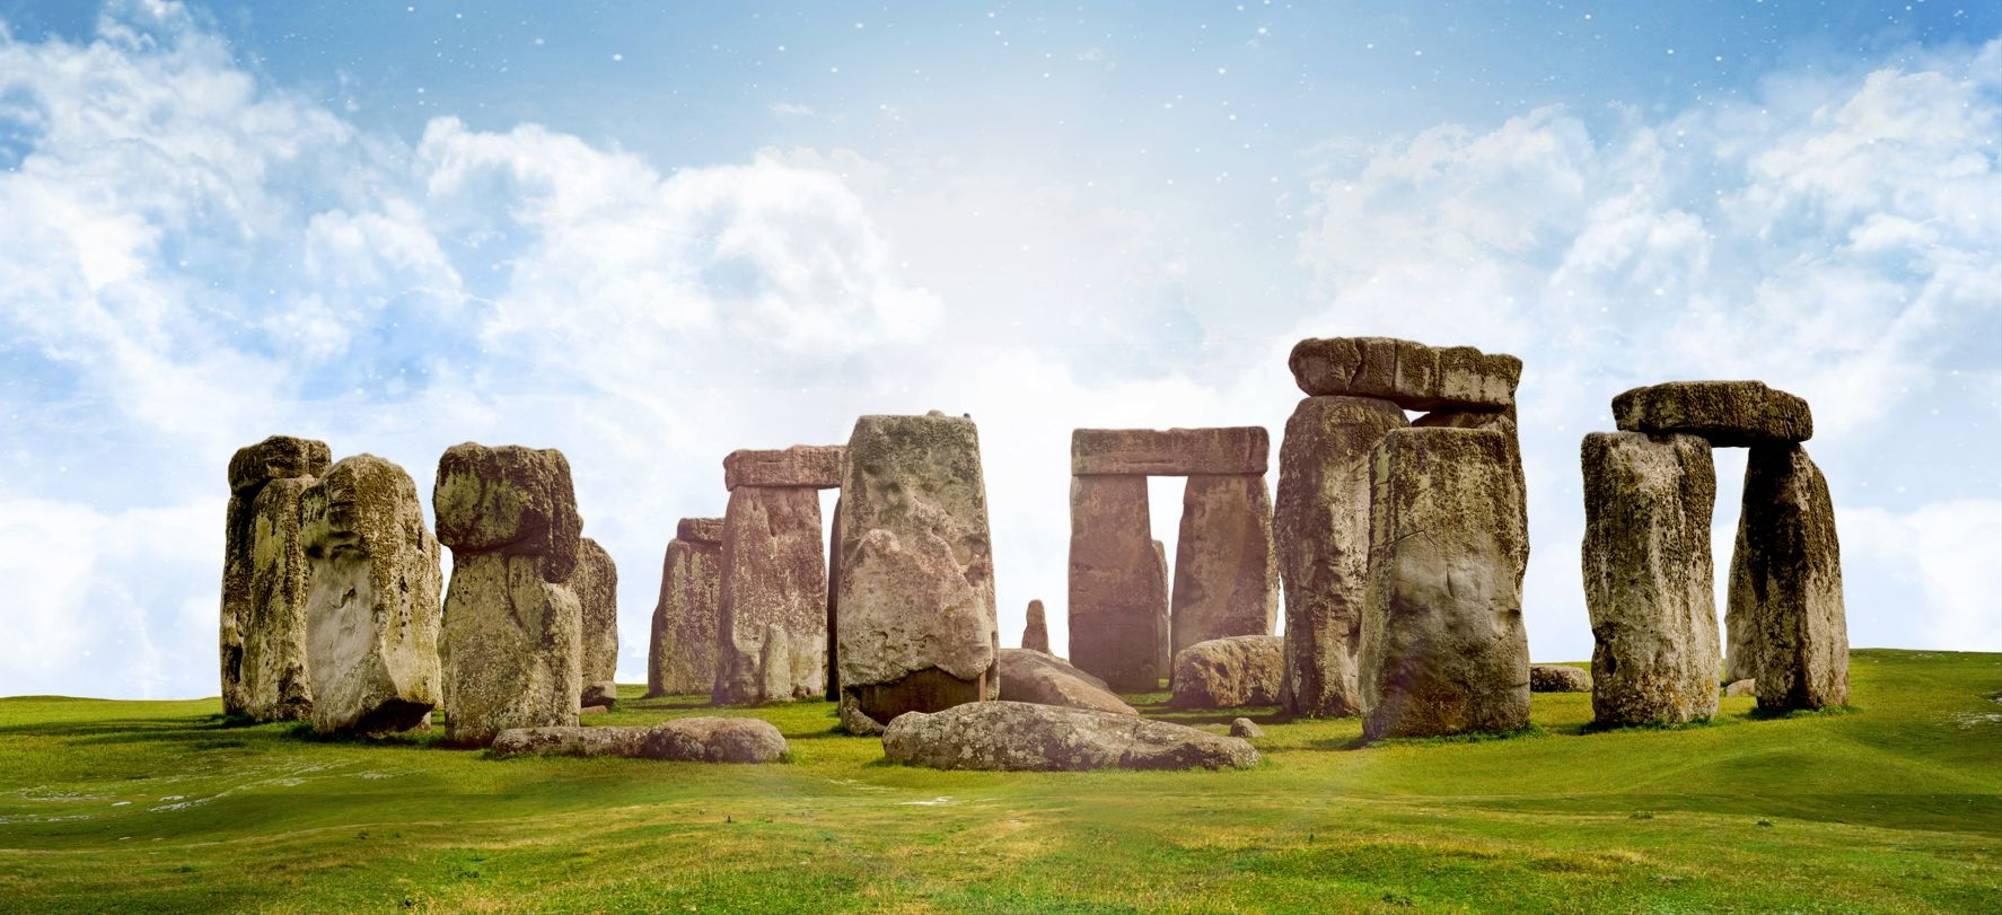 Stonehenge - Itinerary Desktop.jpg